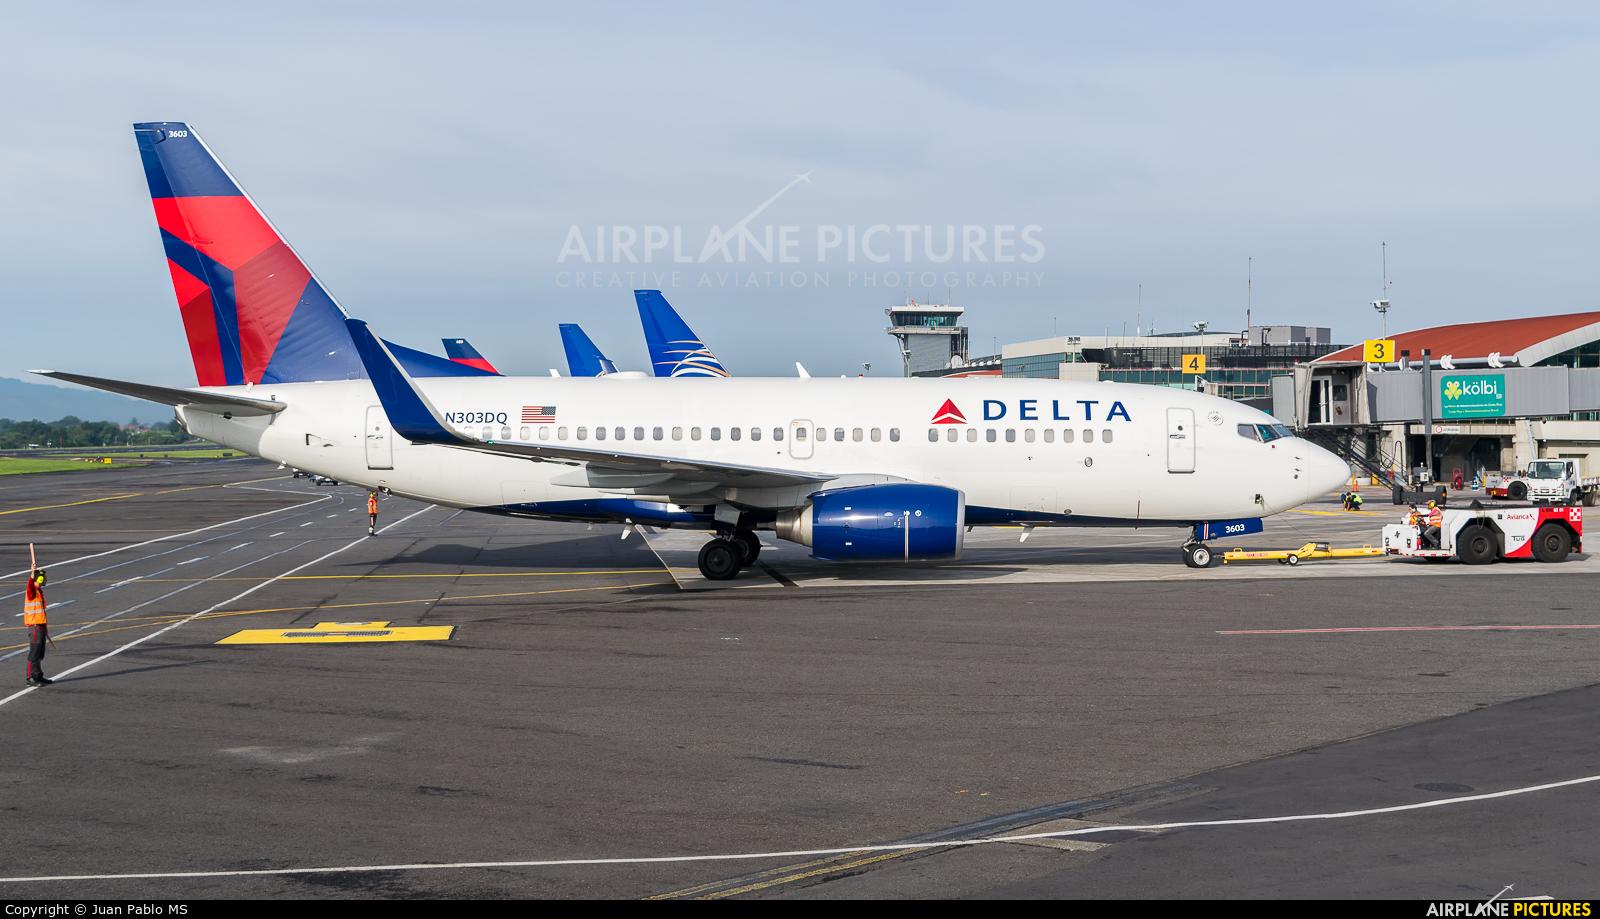 Delta Air Lines N303DQ aircraft at San Jose - Juan Santamaría Intl